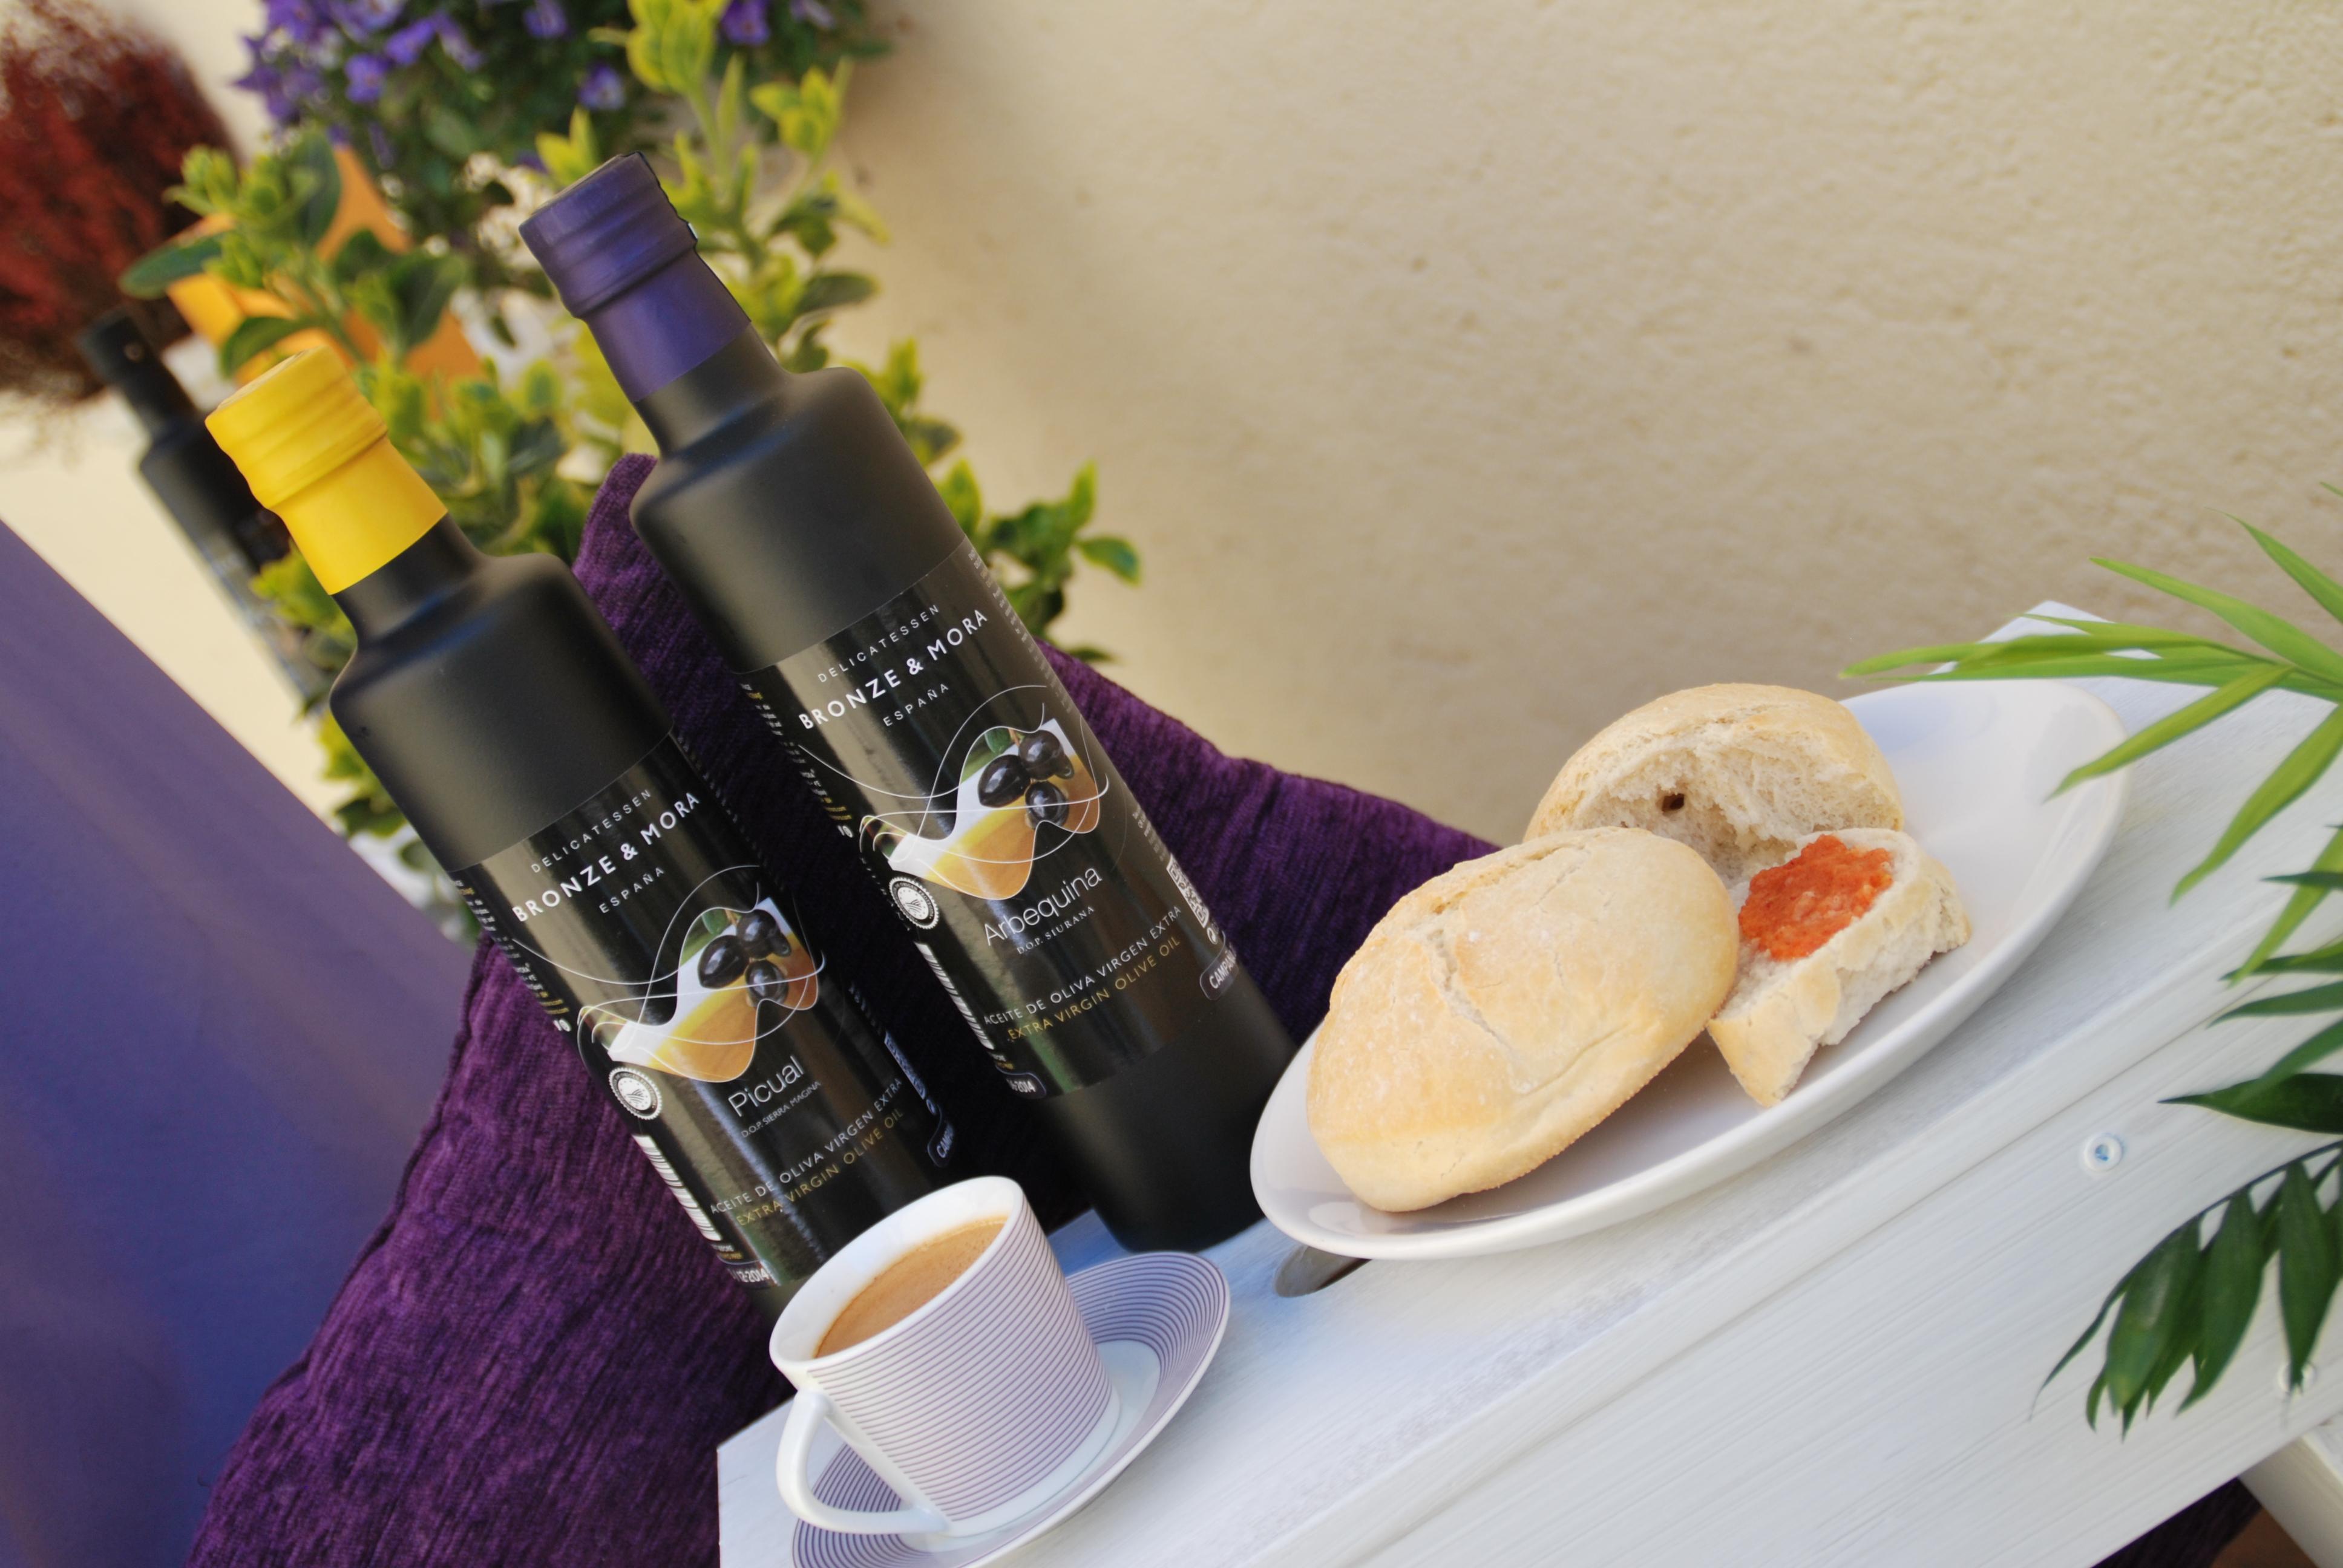 Desayuno-mediterraneo-con-aceite-de-oliva-aove-Bronze-&-Mora-estuches-de-maridaje-para-regalar